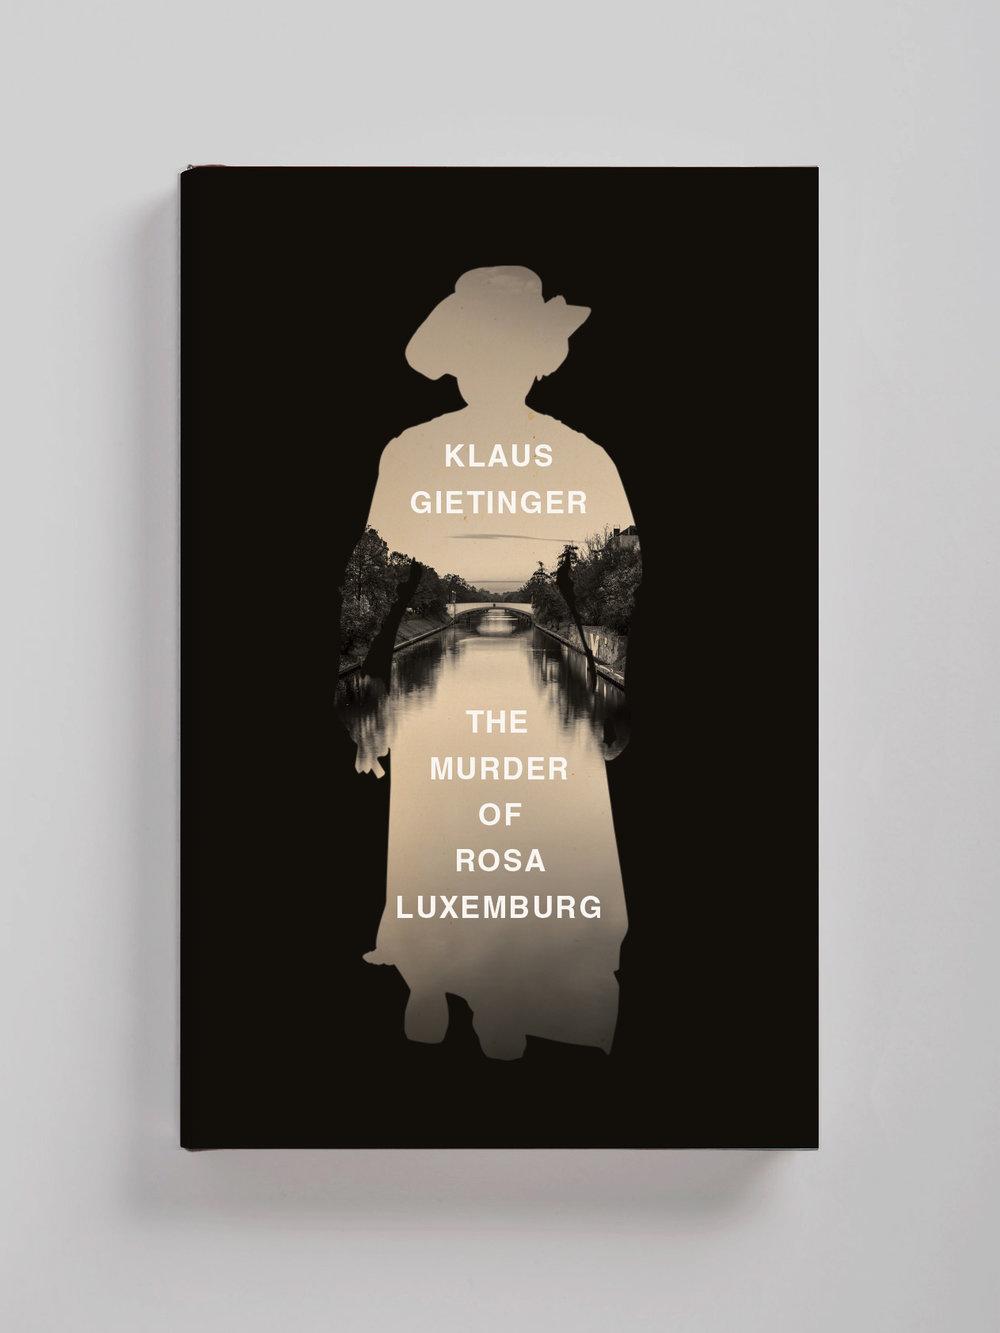 Lauren Peters-Collaer—The Murder of Rosa Luxemburg